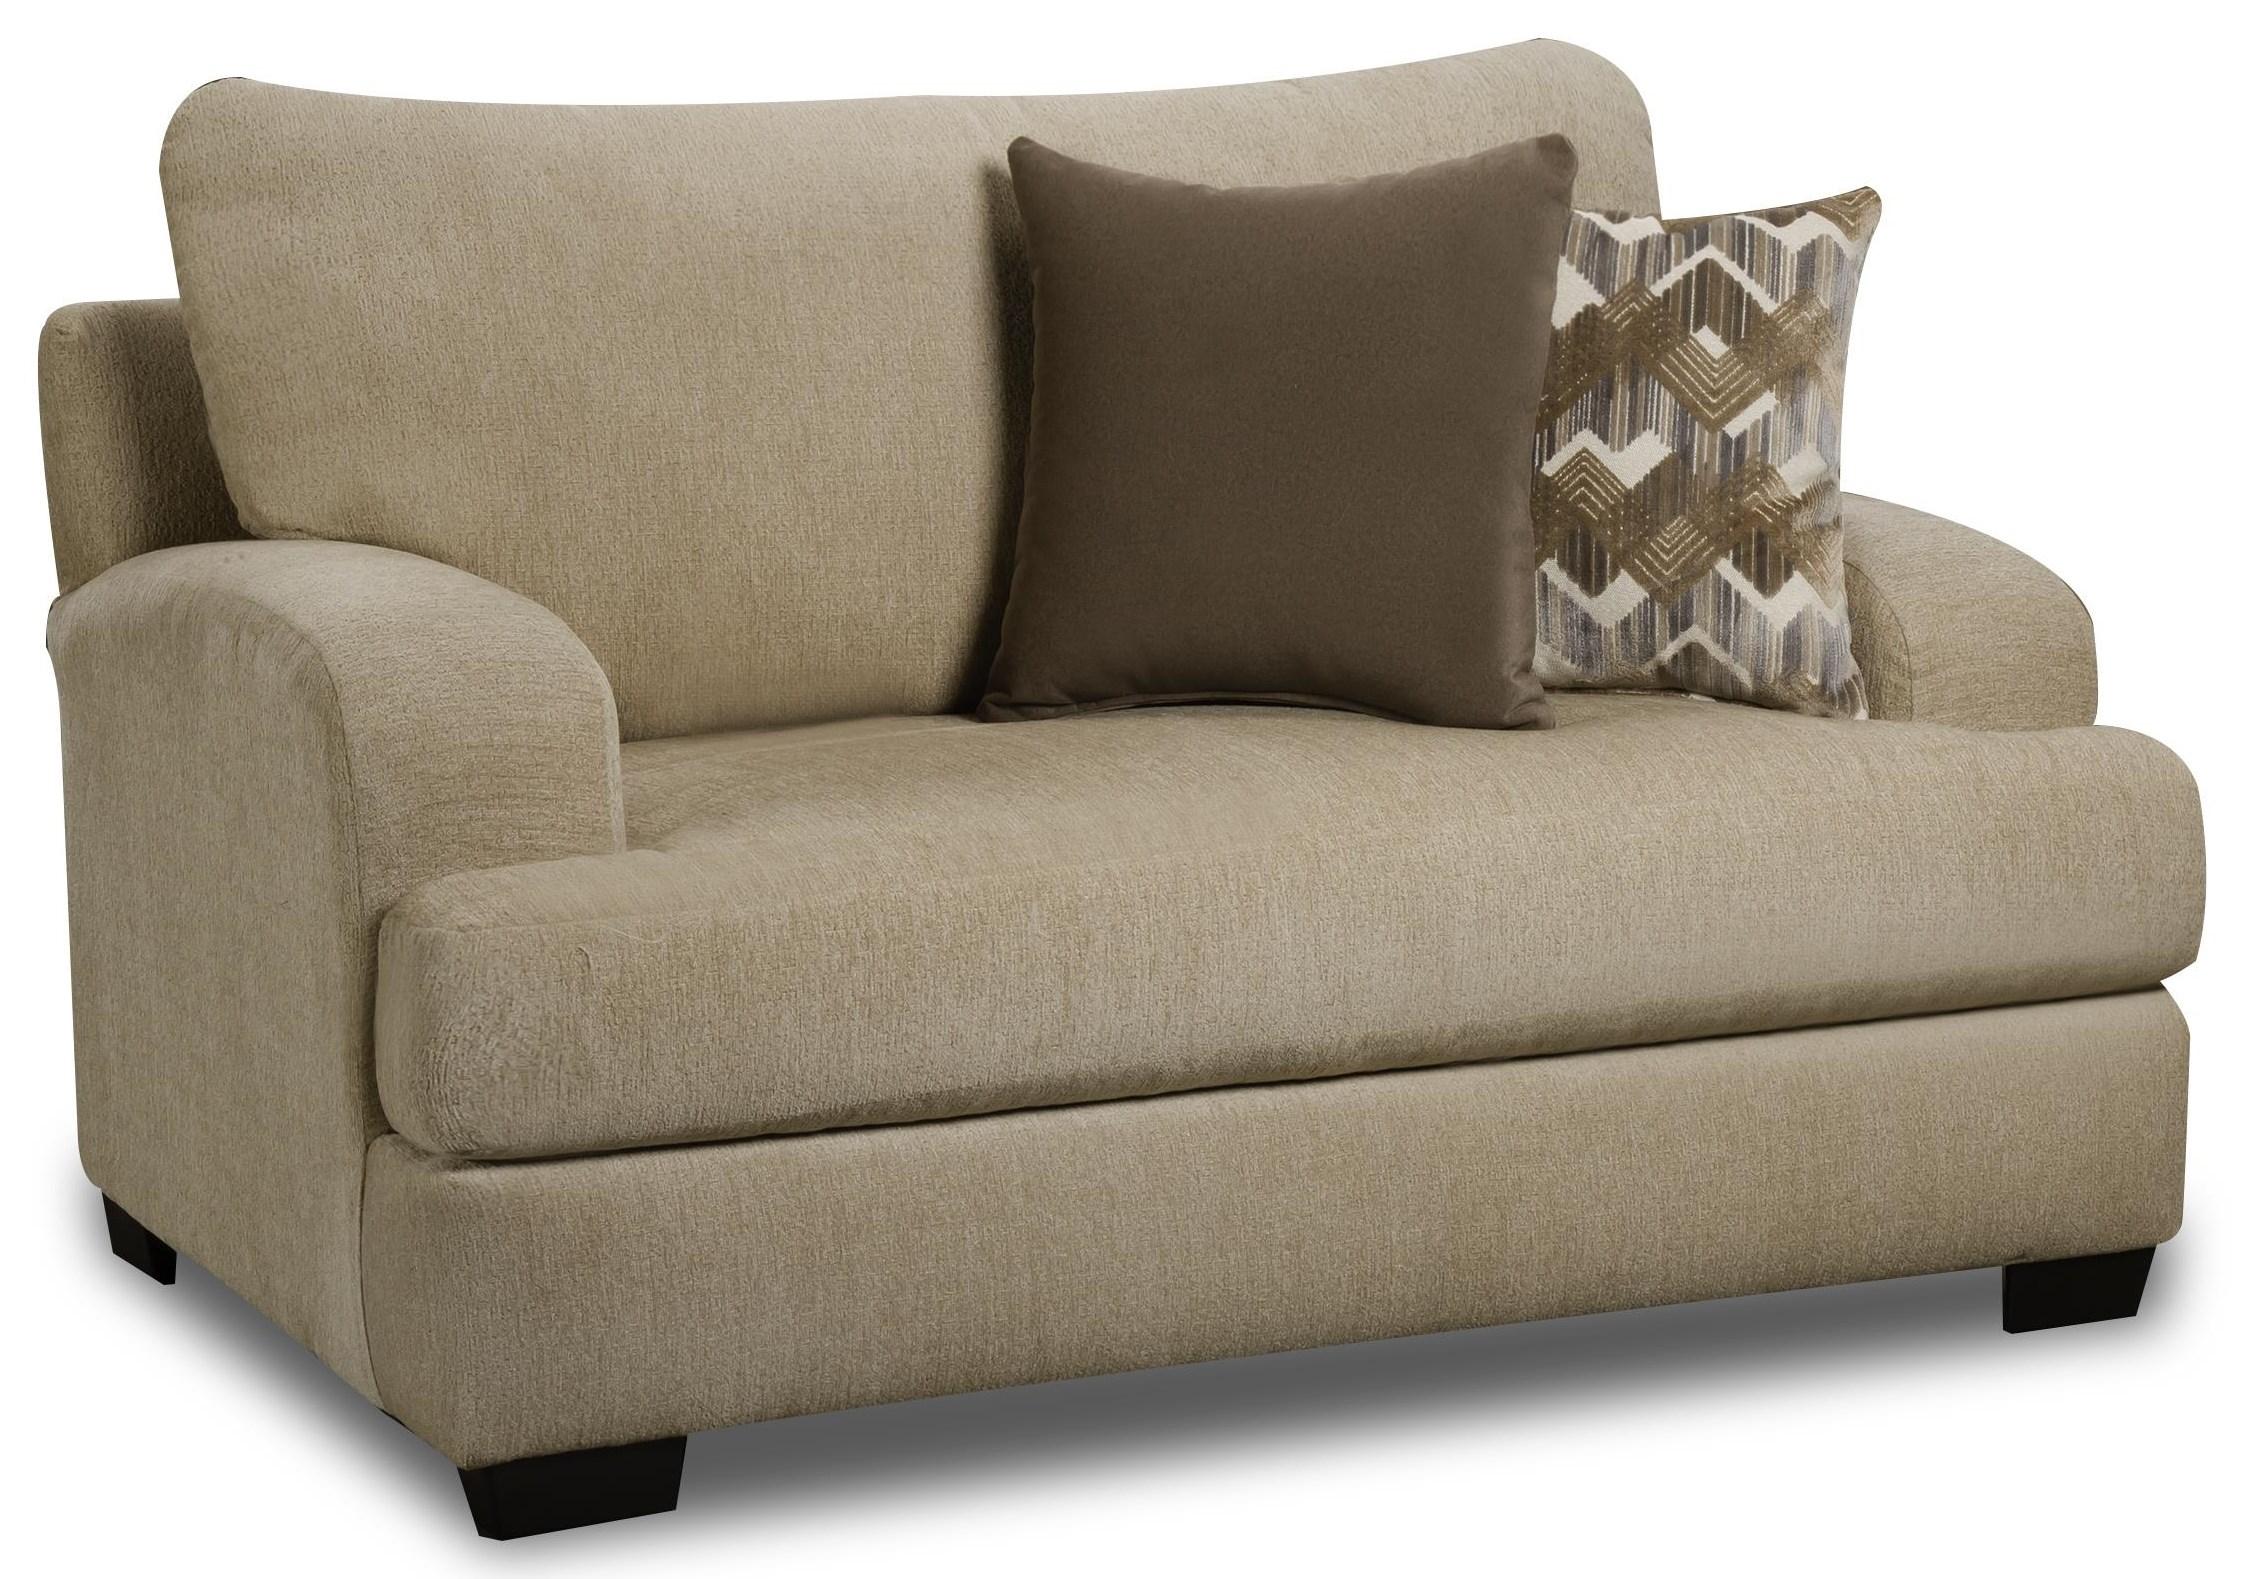 5200 Chair by Corinthian at Furniture Fair - North Carolina